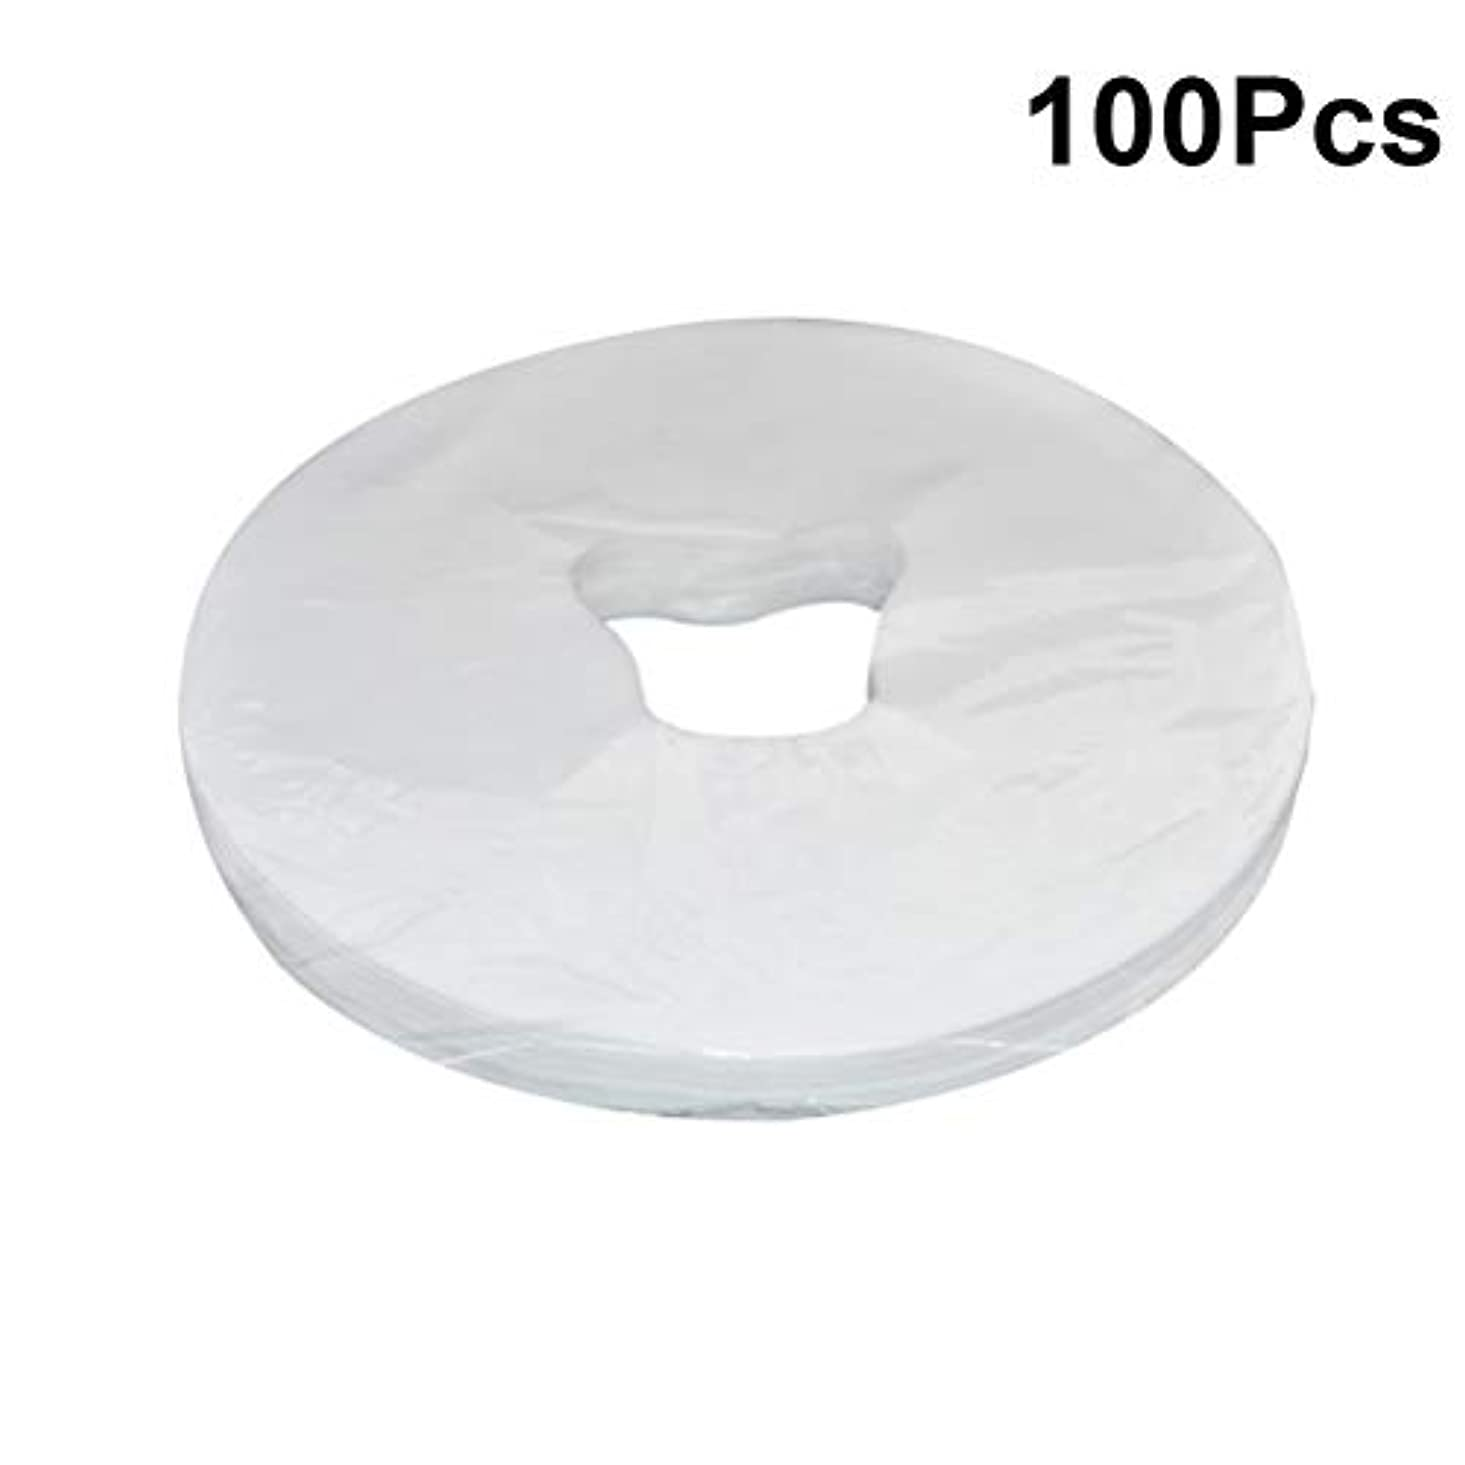 契約したスカリーまさにHEALIFTY 29×28センチメートル使い捨てフェイスマッサージカバーパッドフェイスホールピローマット用スパ100シート